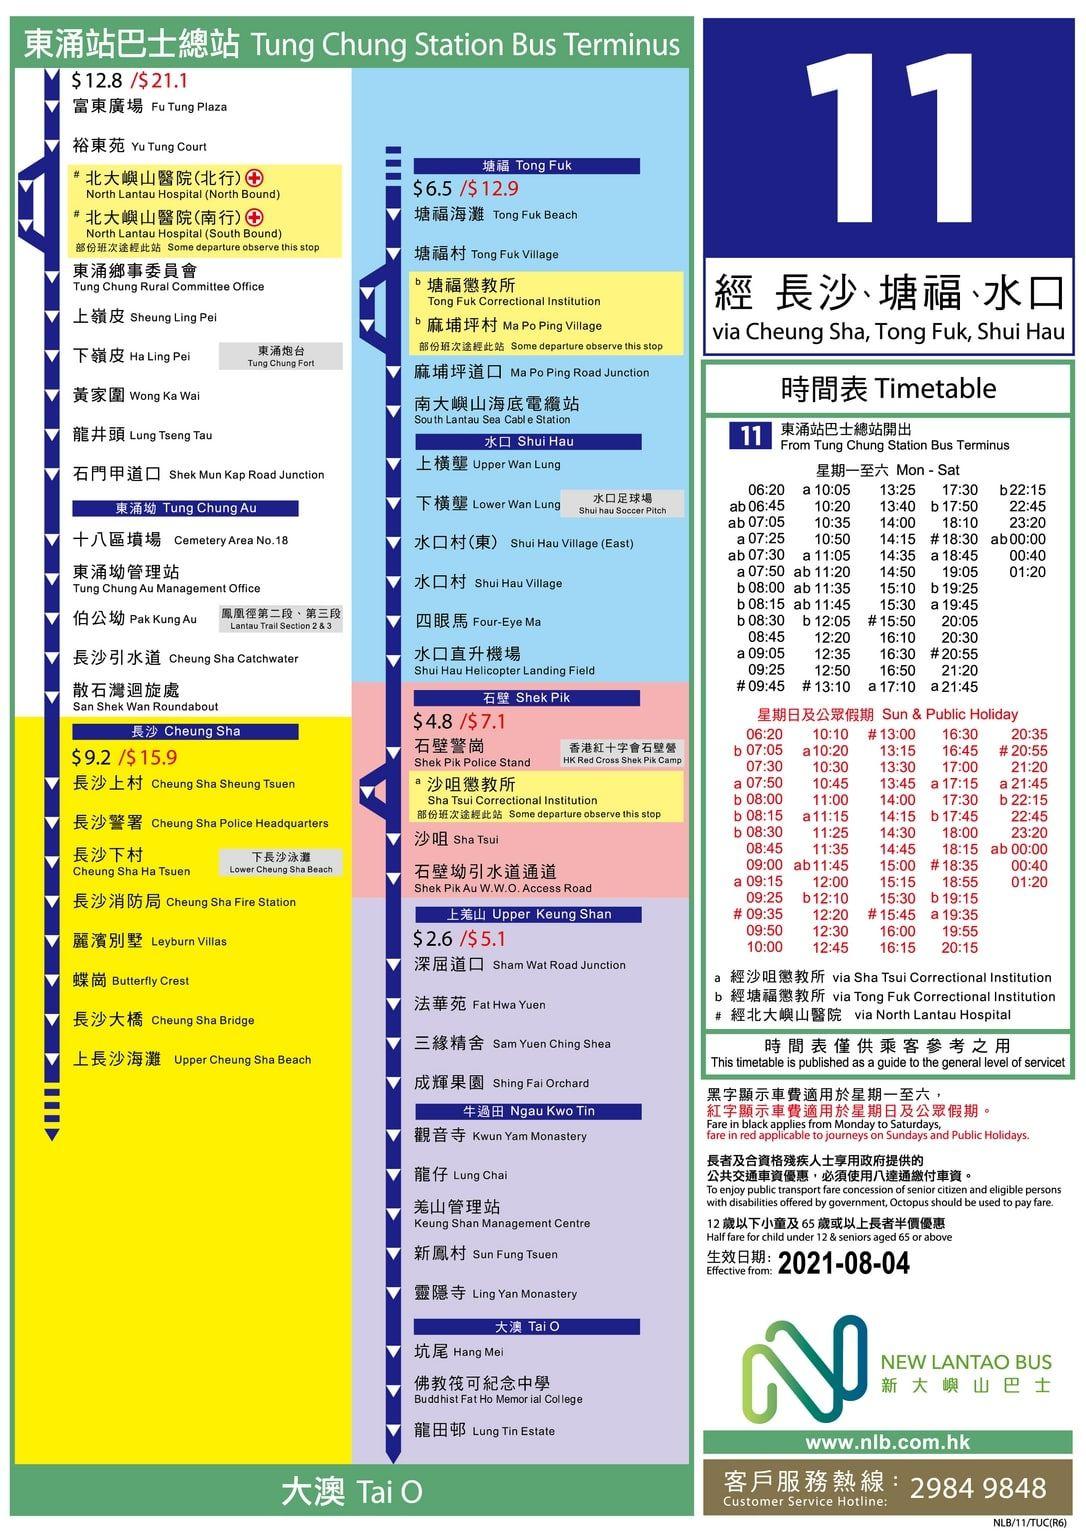 11 號巴士路線圖及時間表: